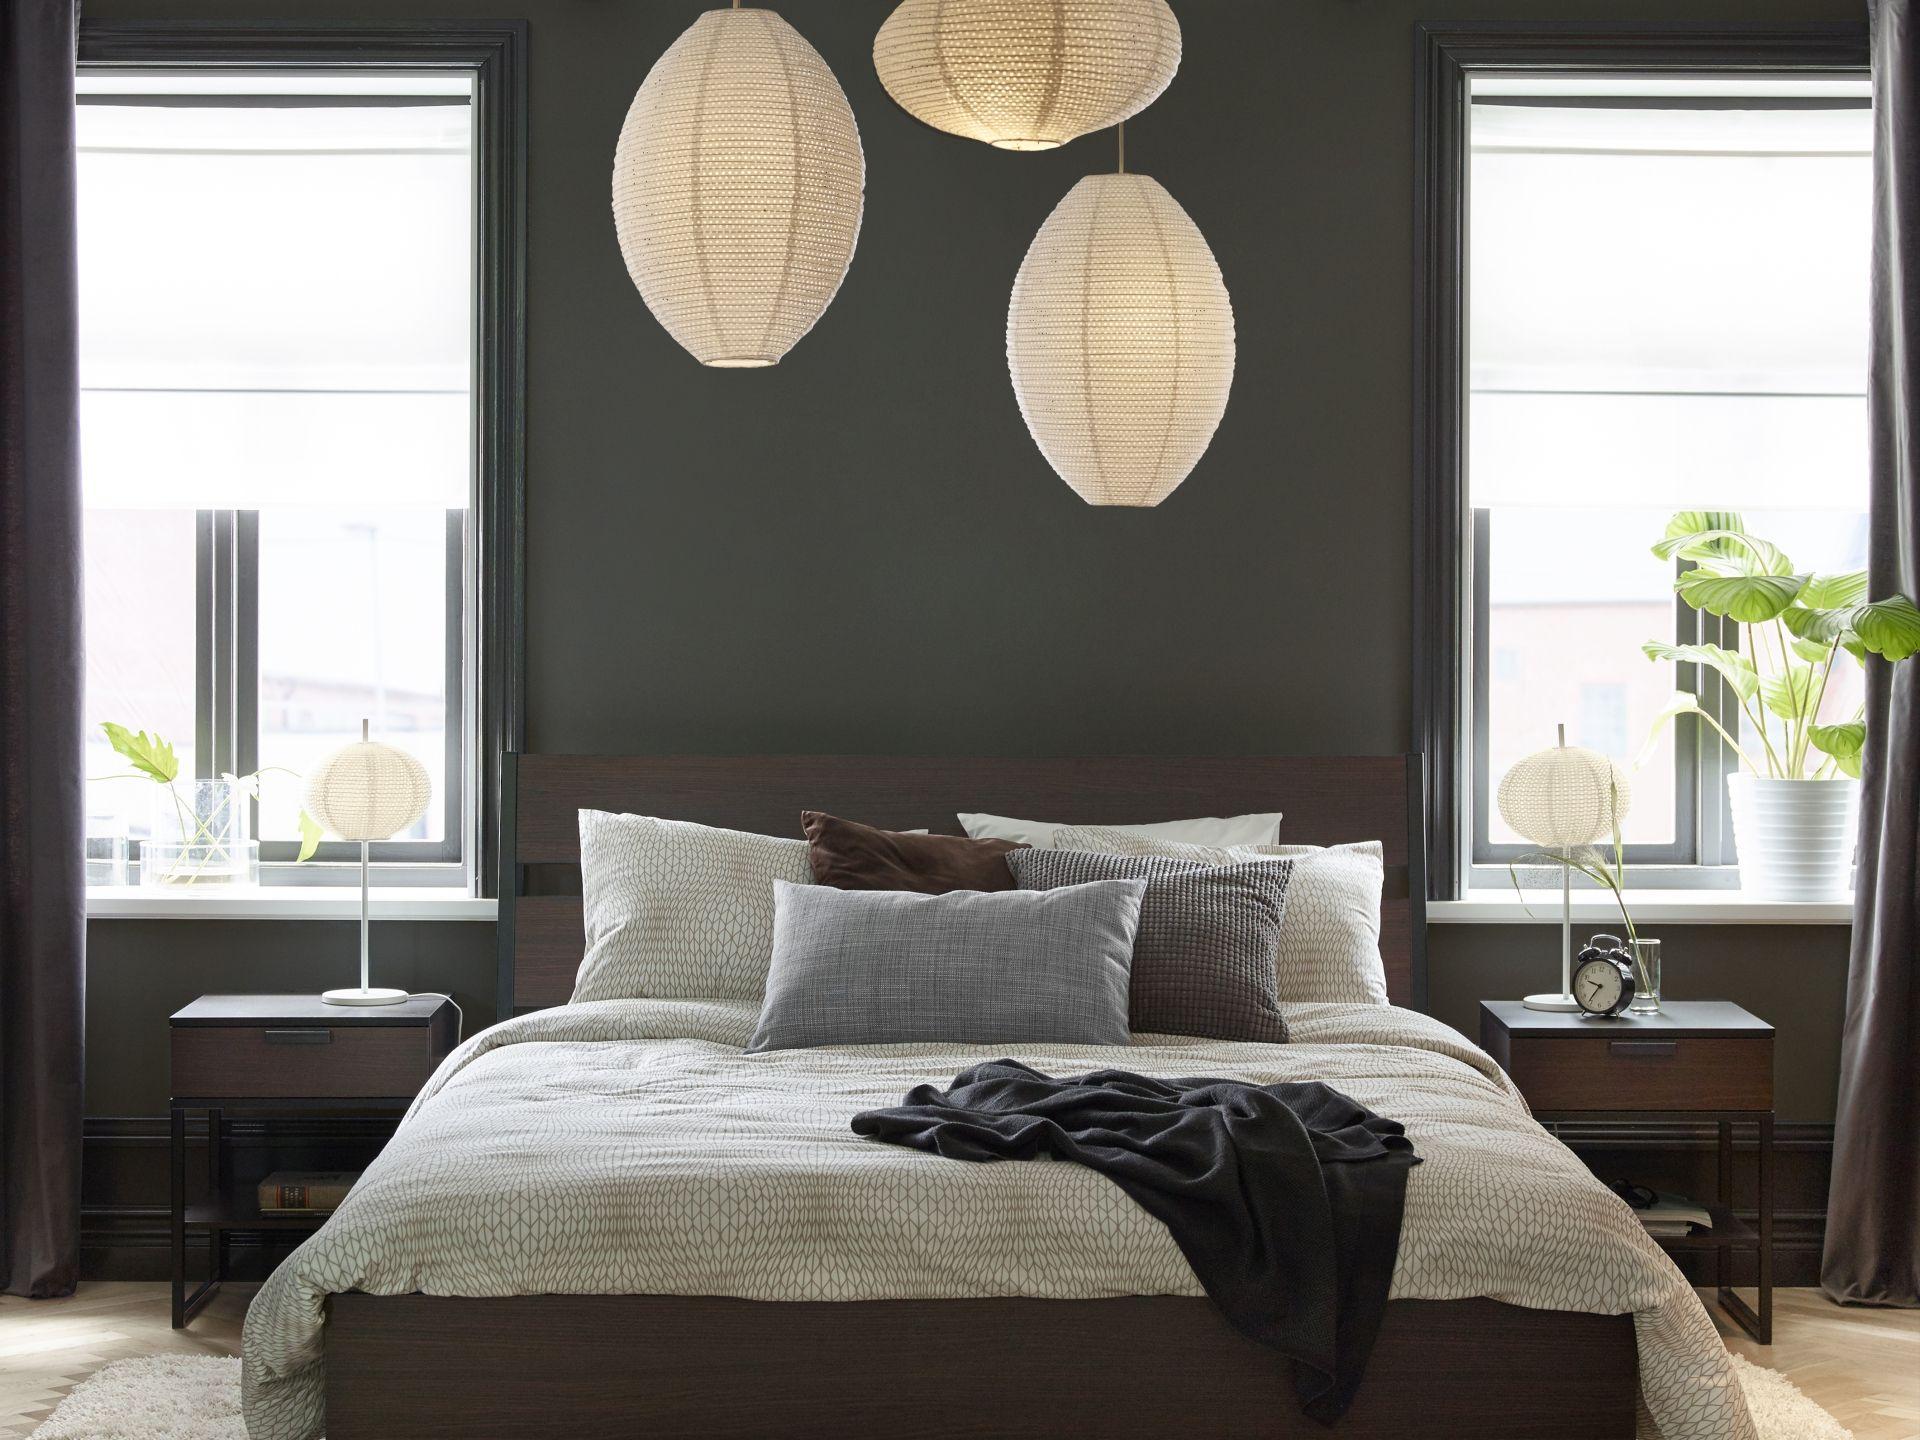 Ikea dise o dormitorio casa dise o casa dise o - Ikea diseno dormitorio ...